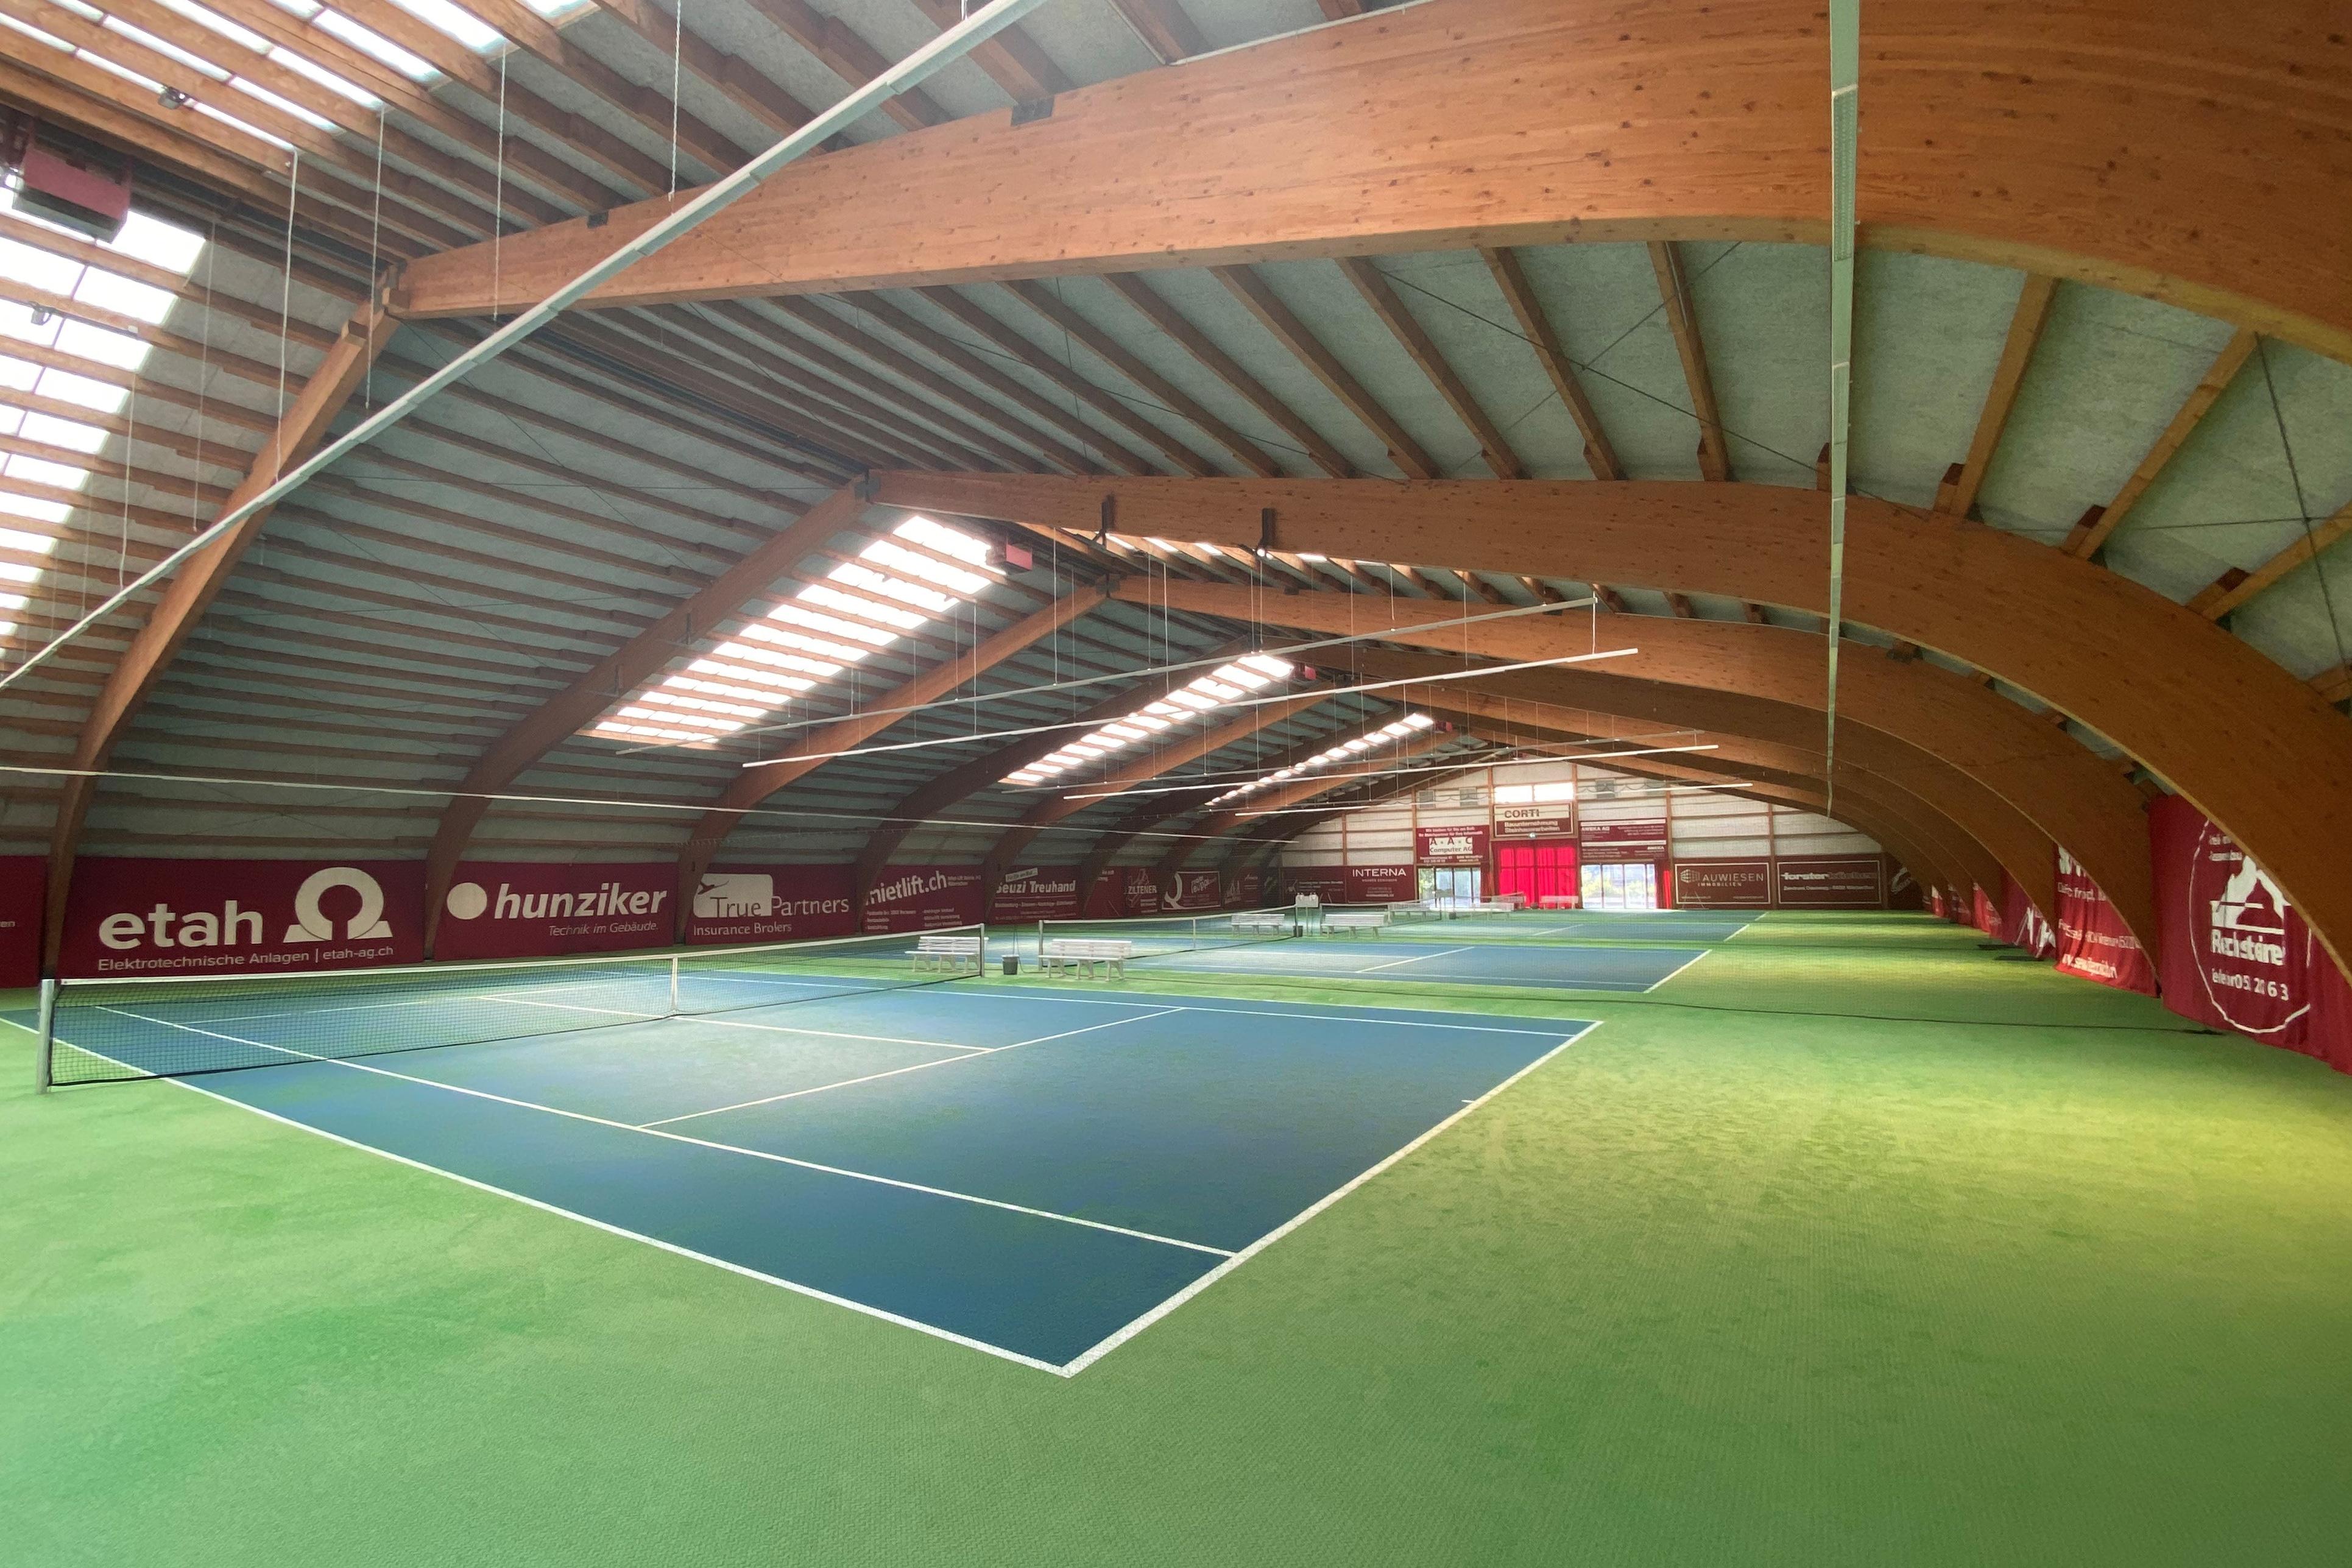 Foto von der seitlichen Perspektive auf das Tennisfeld des Tennis- und Squashcenteres Auwiesen